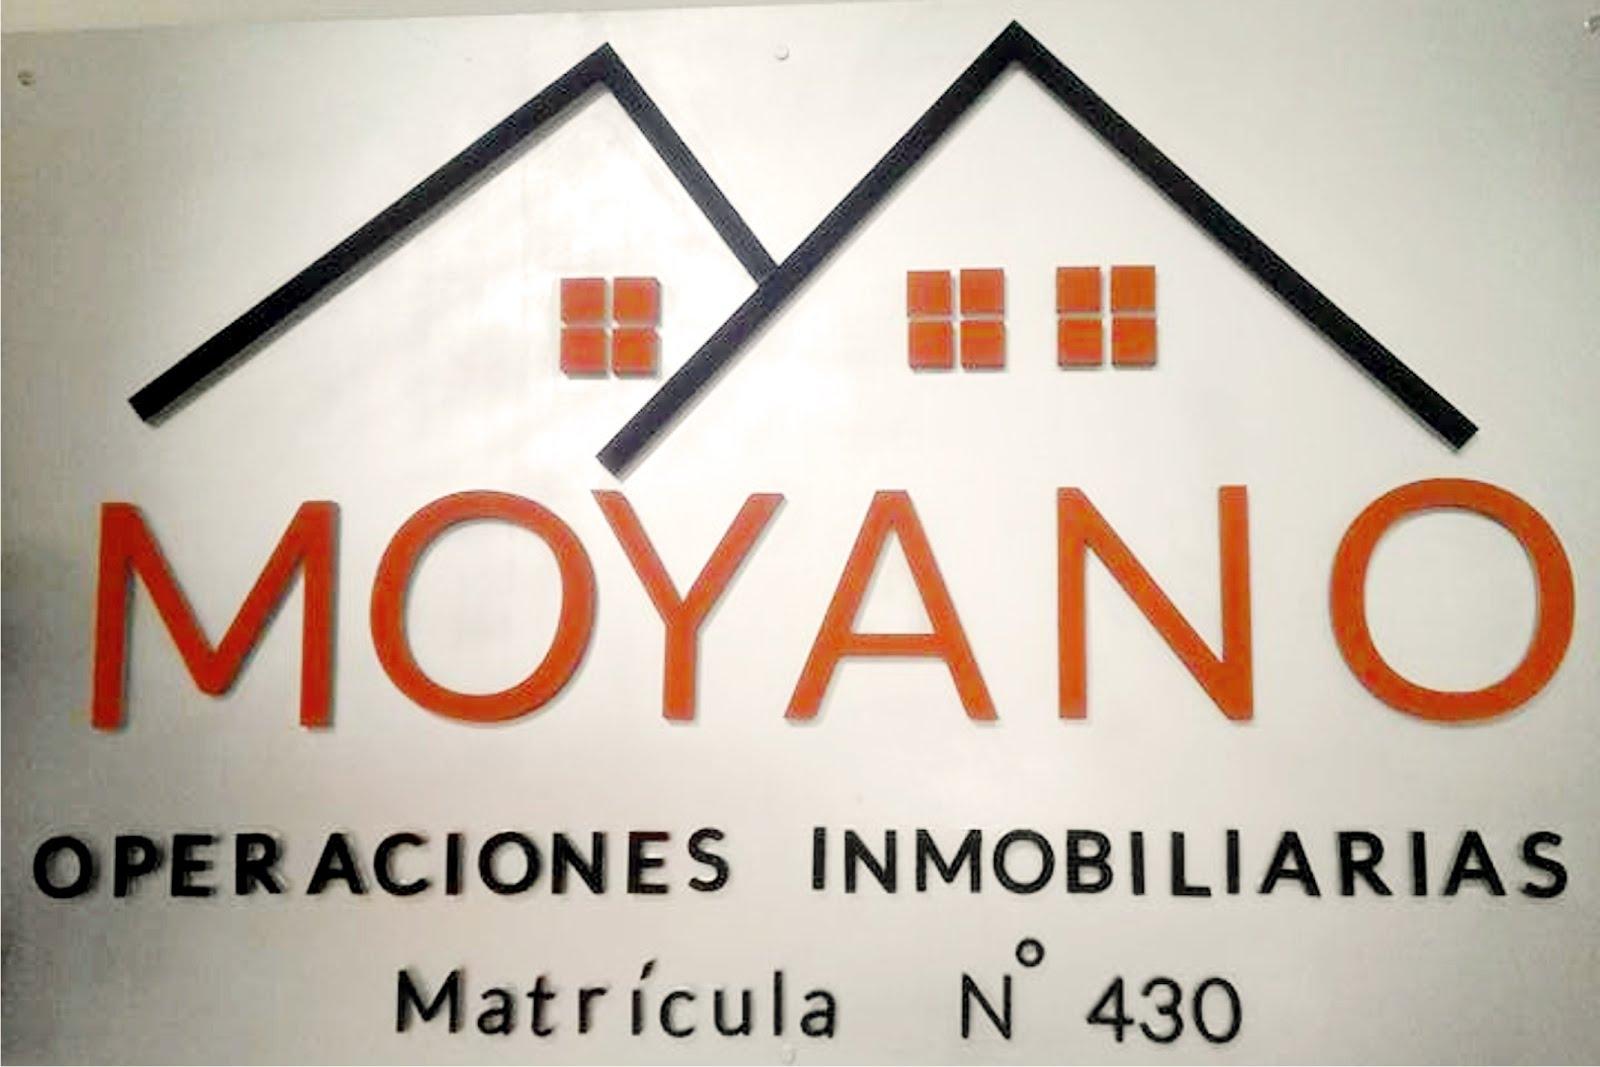 Moyano Inmobiliaria